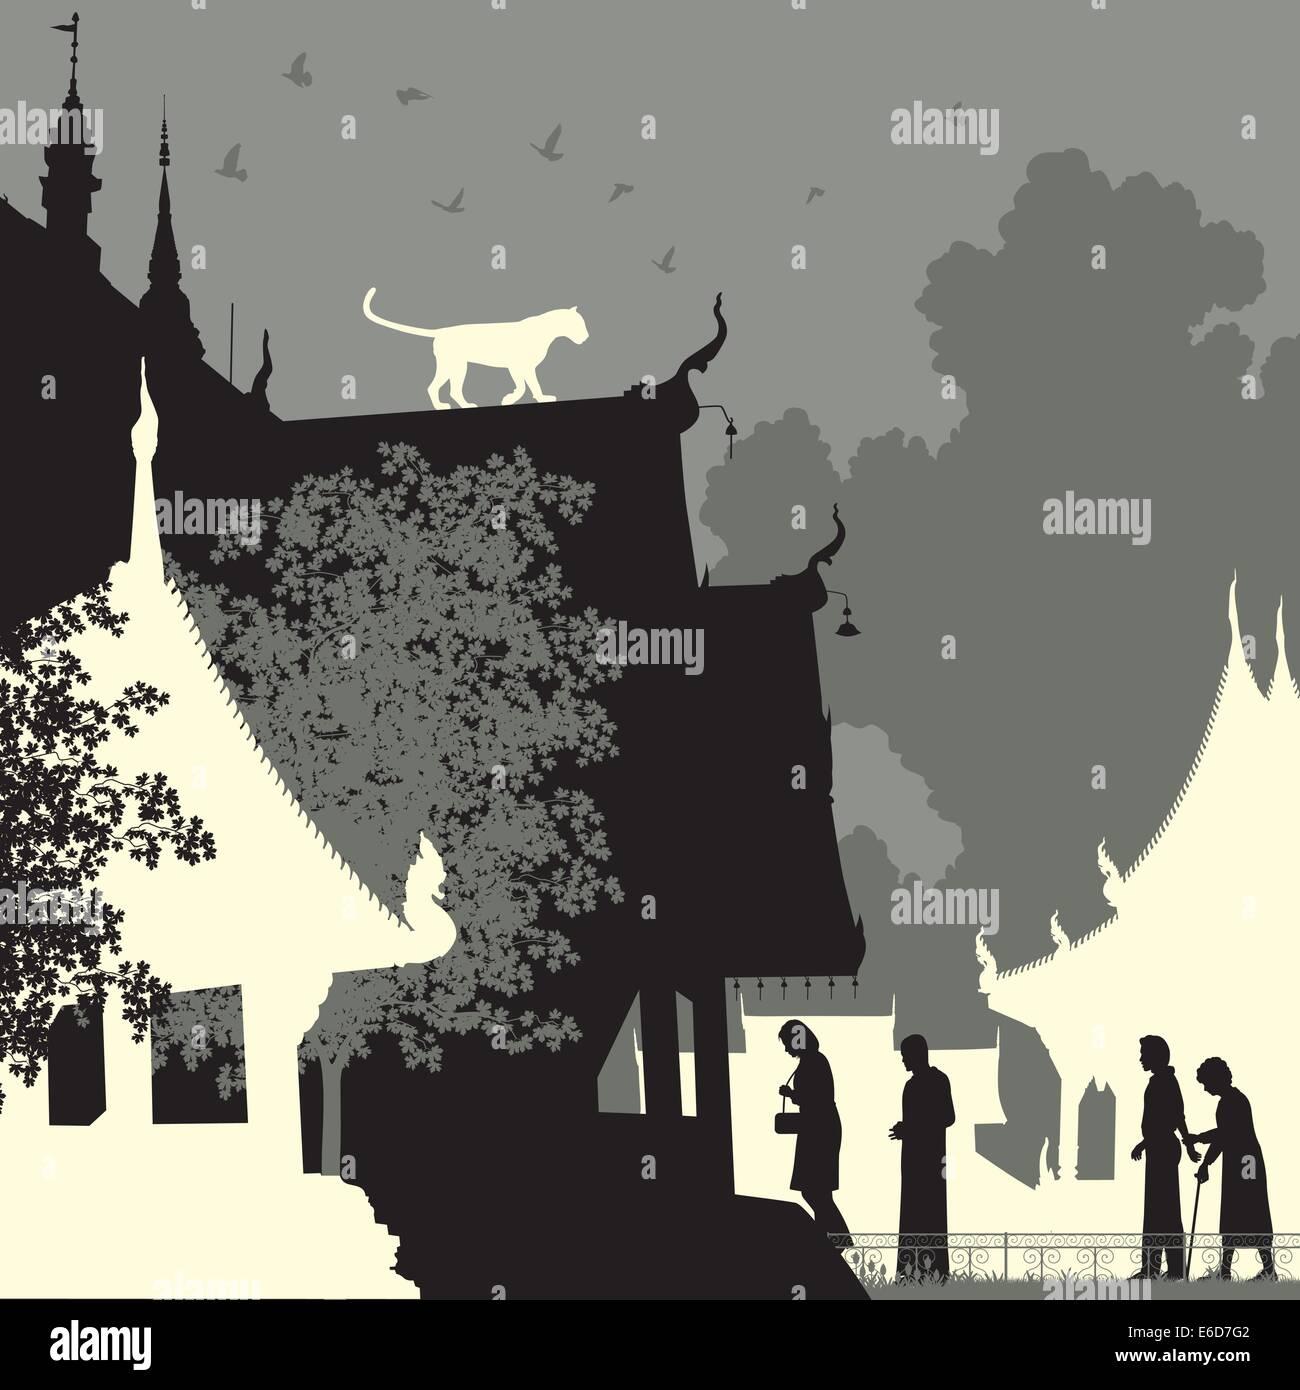 Silueta vectorial editable de un leopardo en un templo budista del techo con figuras como objetos separados Imagen De Stock